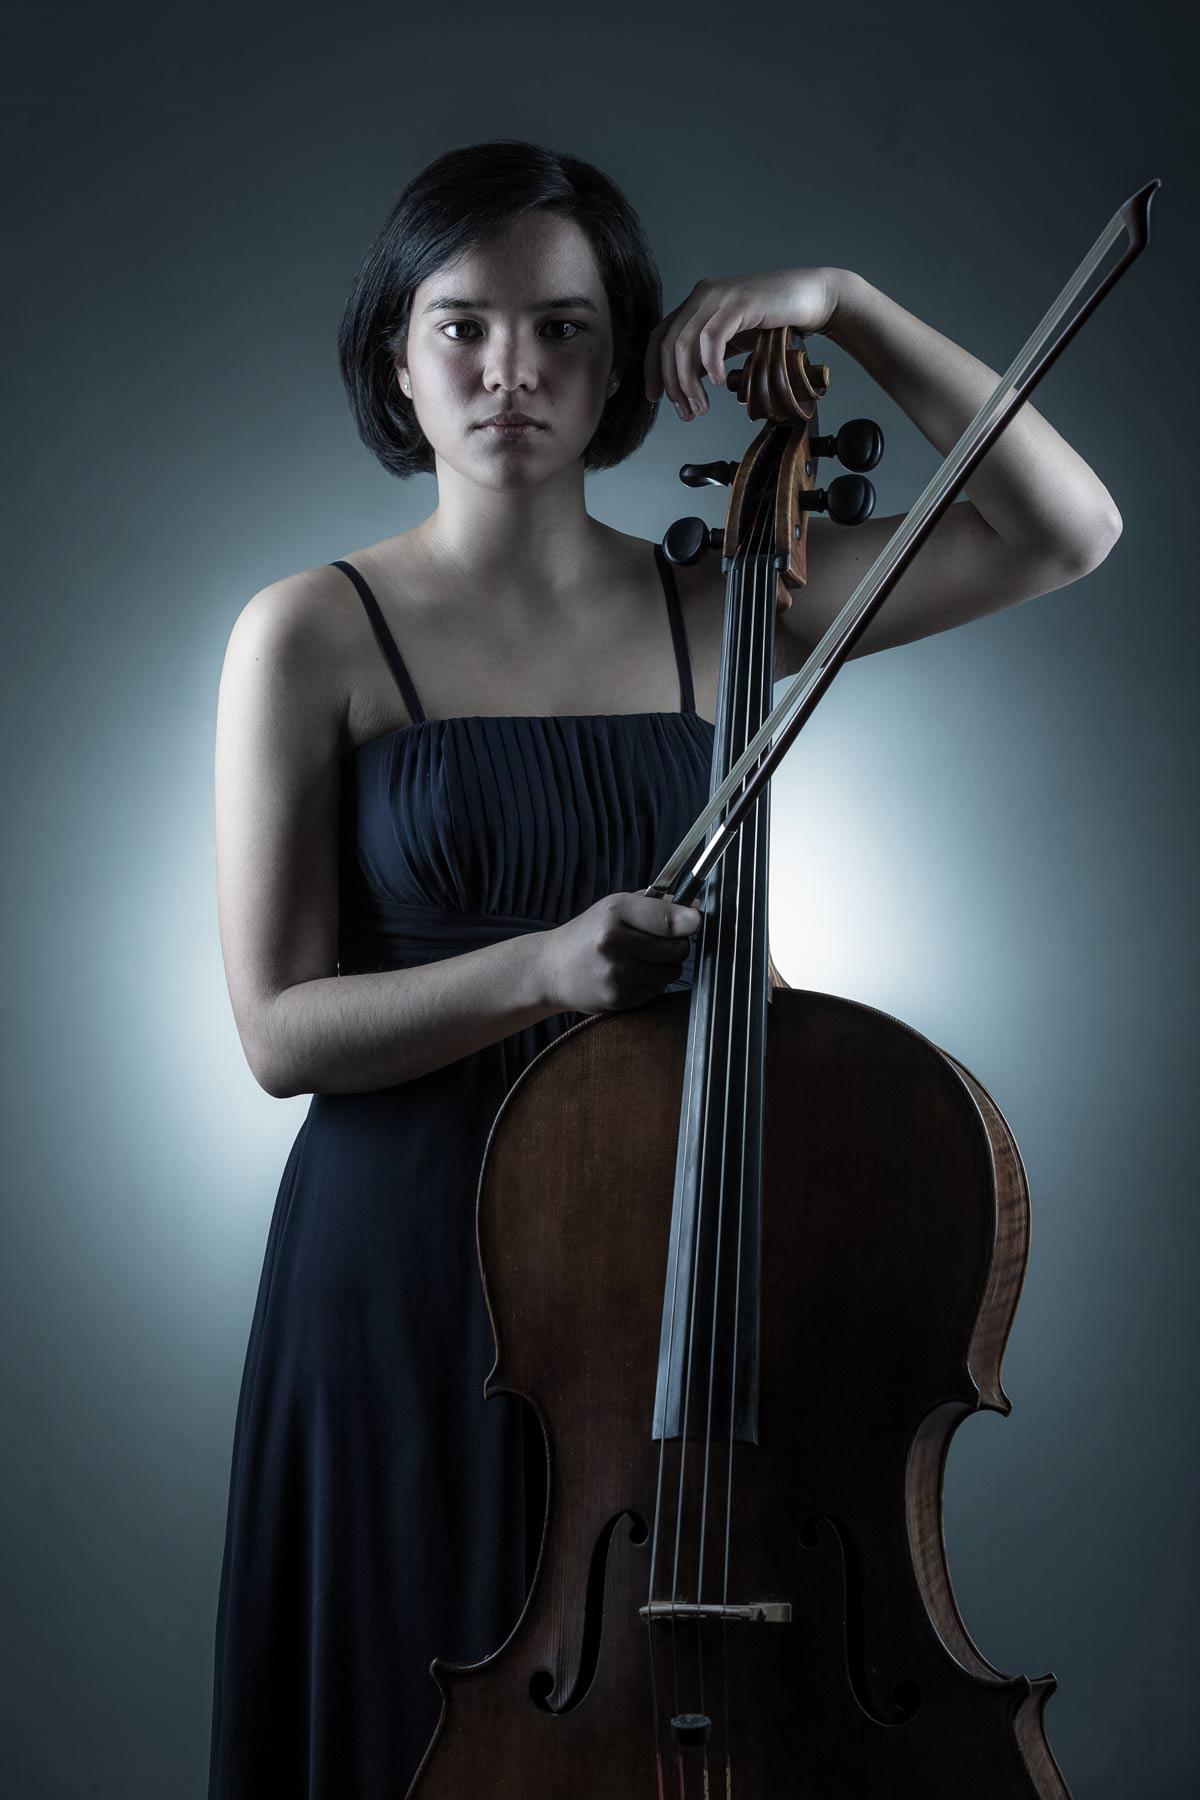 Künstler-Portraitfoto einer jungen, asiatisch aussehenden Cellistin